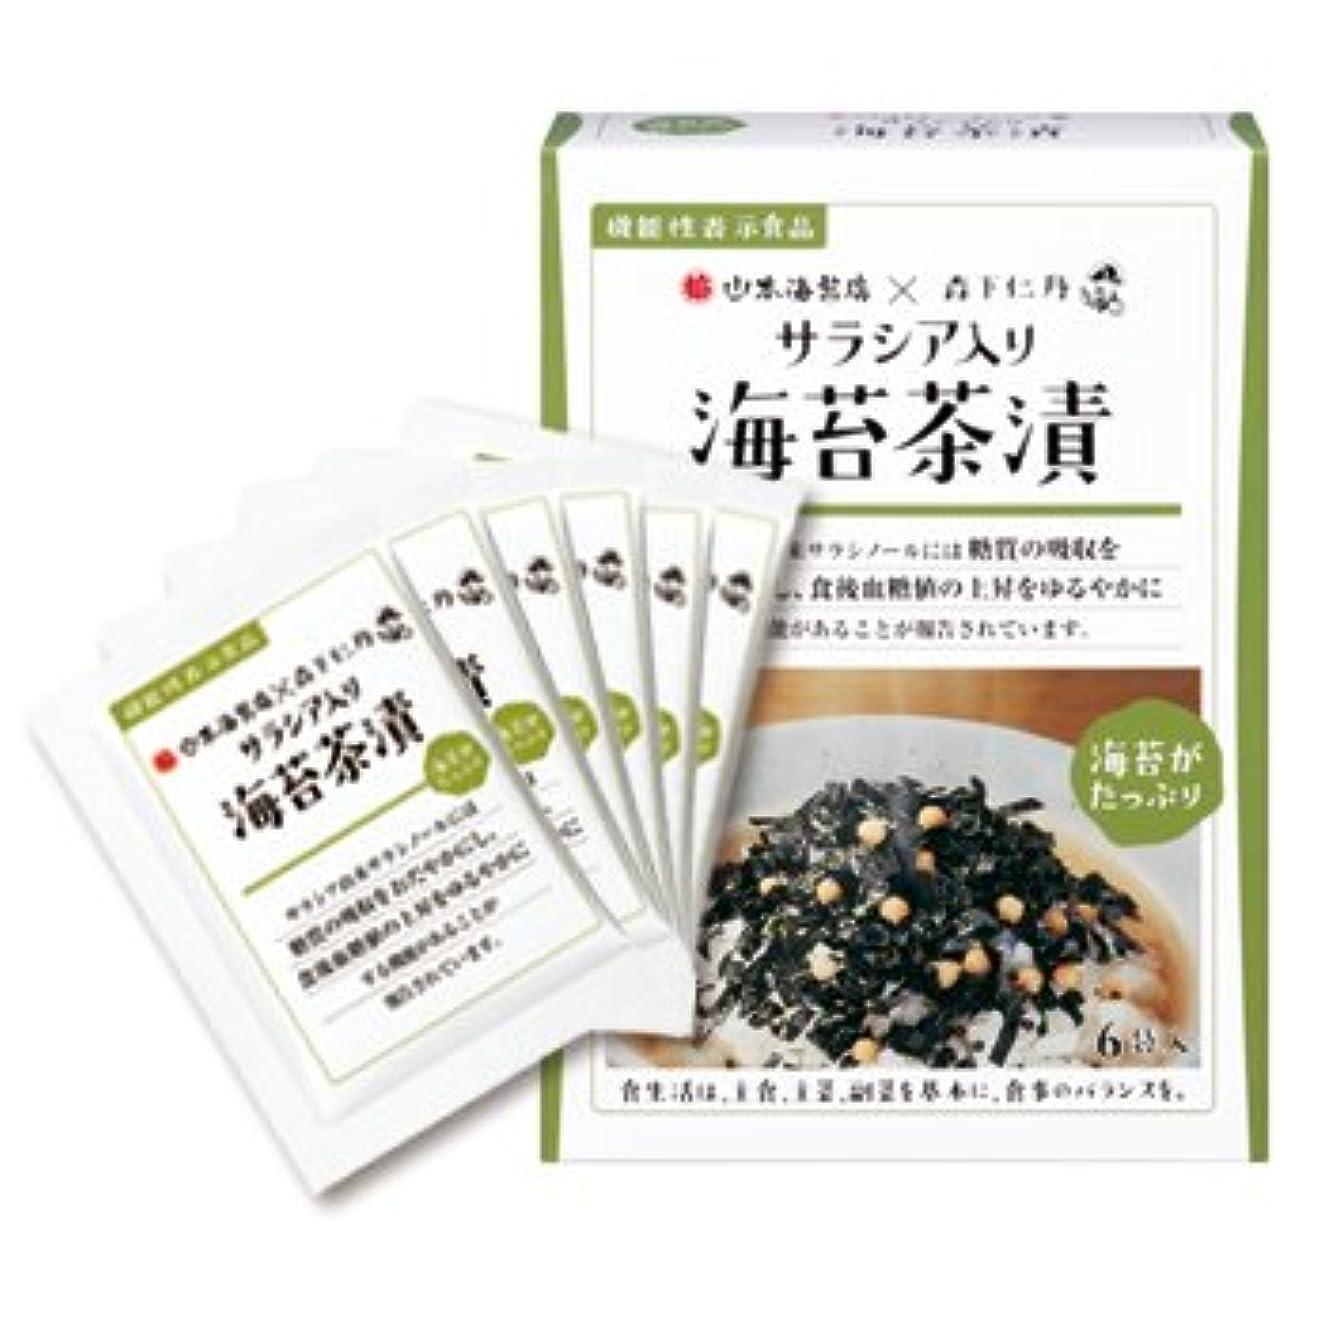 スプーン相談複雑海苔茶漬 サラシア入り 1箱(6袋入) [機能性表示食品]